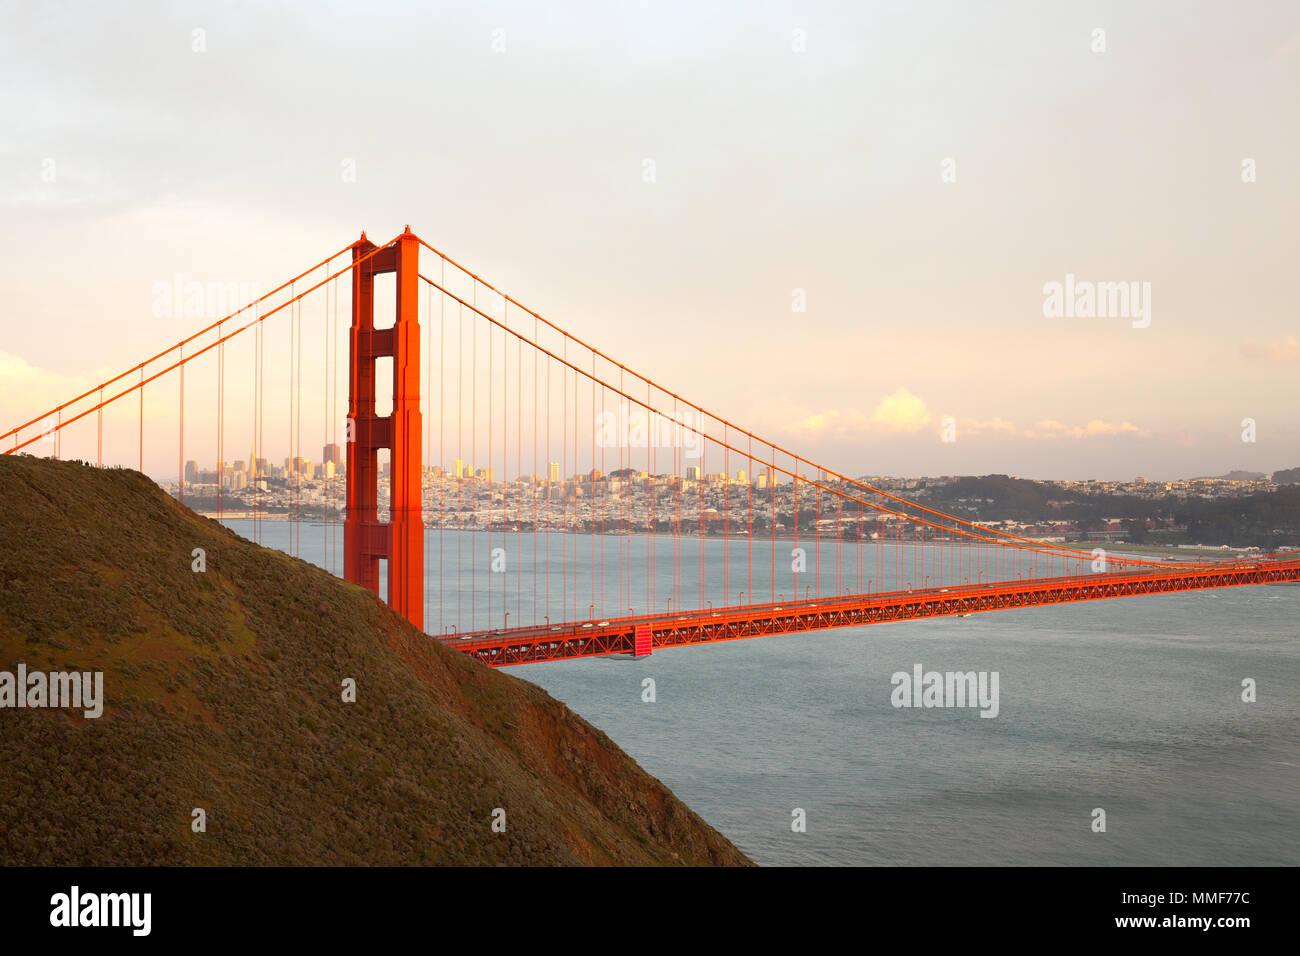 El Puente Golden Gate en San Francisco, California, EE.UU. Imagen De Stock